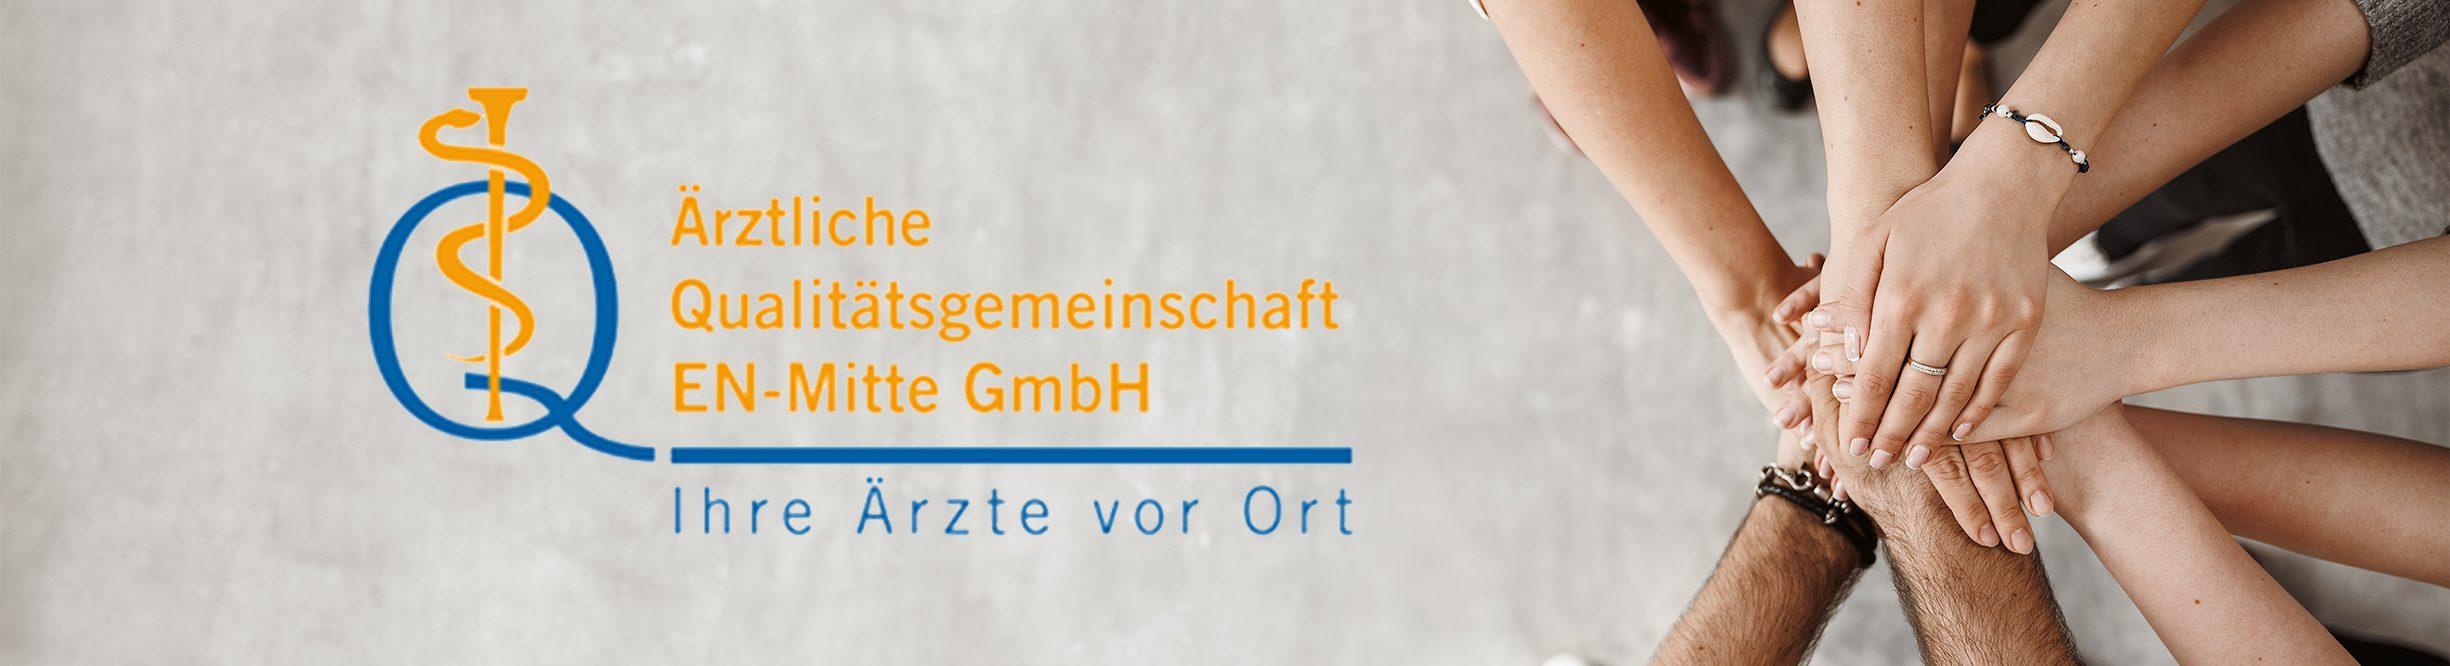 Ärztliche Qualitätsgemeinschaft EN-Mitte GmbH